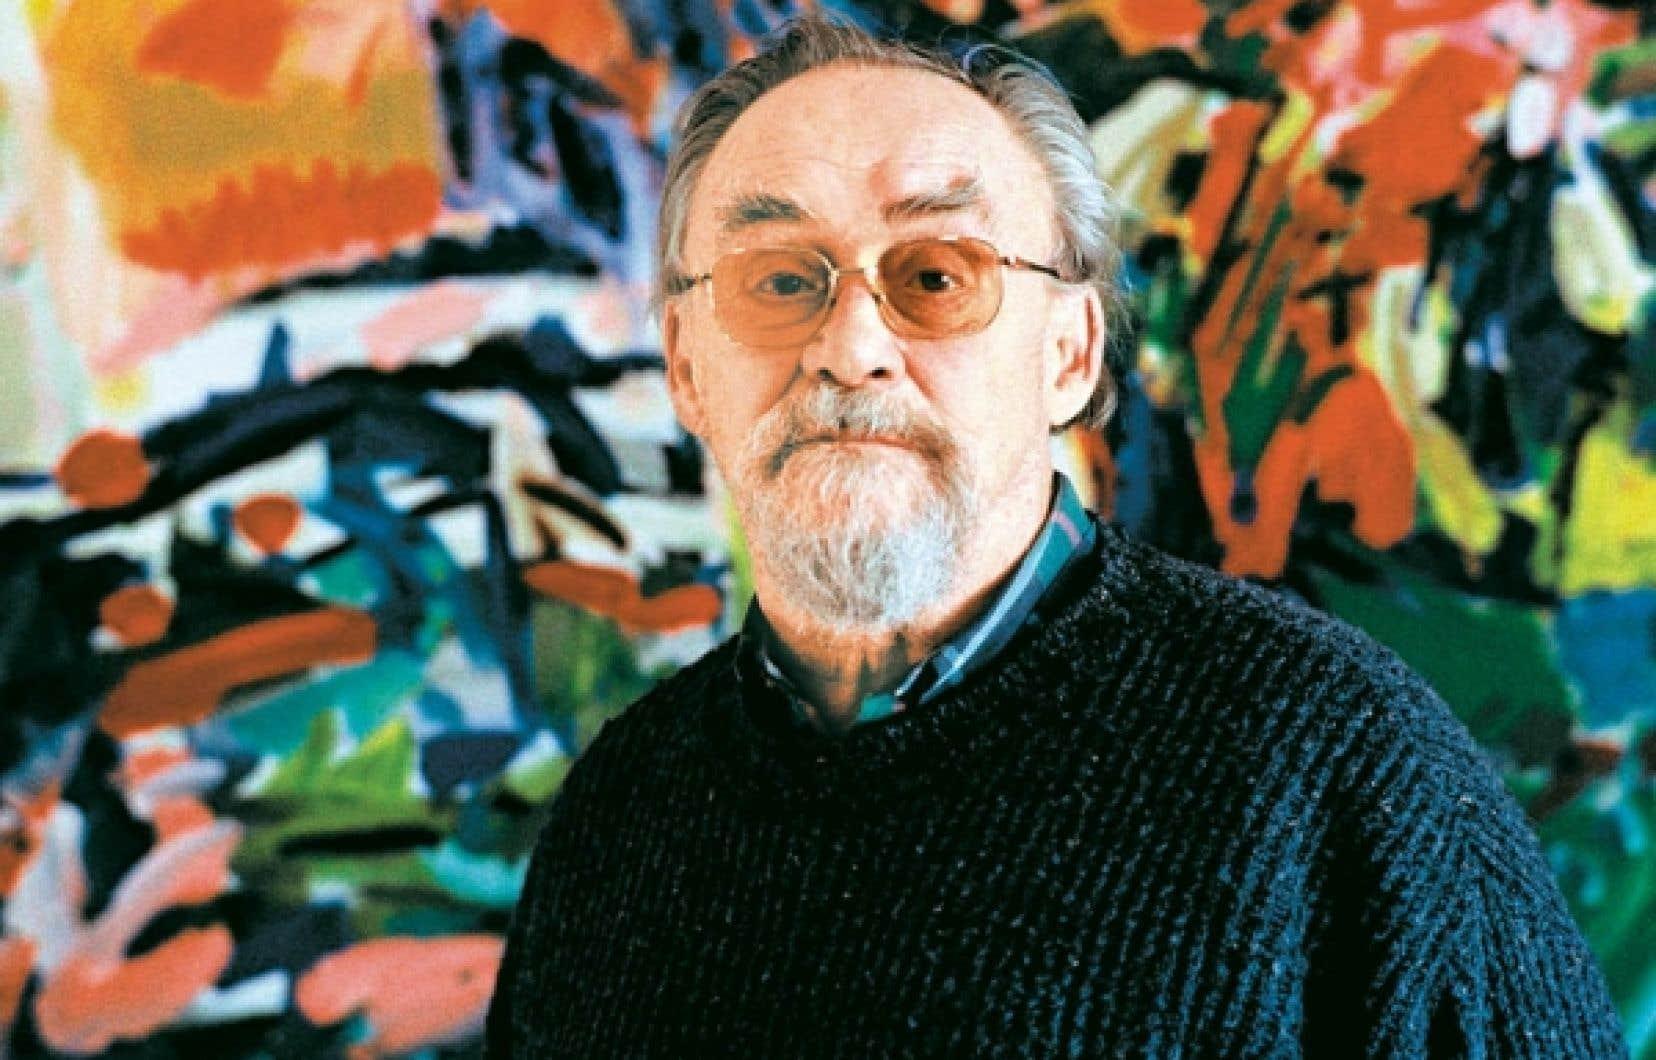 «Toute ma vie, j'ai vécu avec le sentiment d'être unifié, mais pour les autres je ne l'étais pas, déclarait Pierre Gauvreau au Devoir en 1985. J'ai travaillé en télévision et en peinture. Ces deux activités ne se sont jamais rencontrées dans l'esprit des gens.» <br />